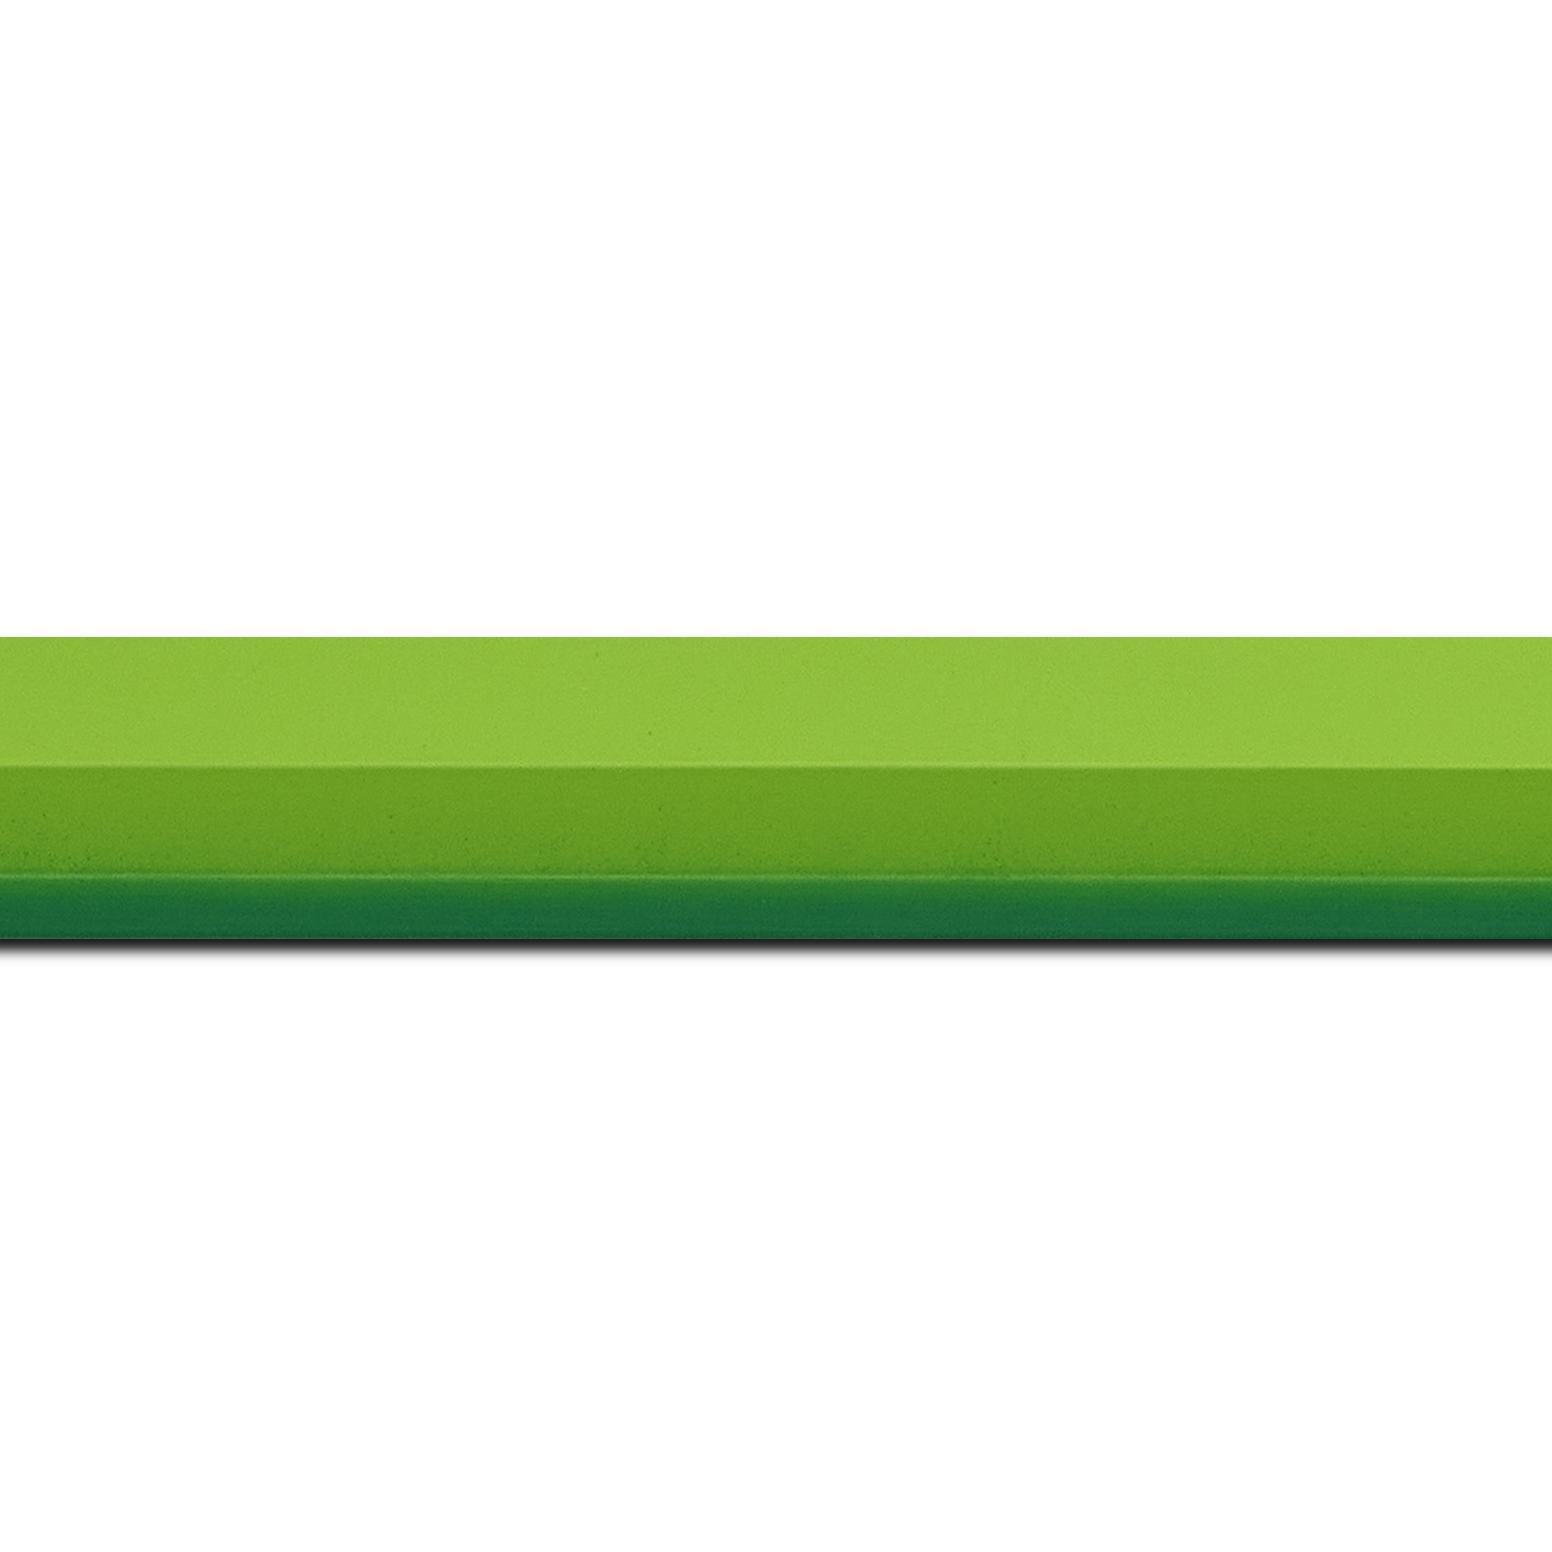 Pack par 12m, bois profil plat profil plat 3 faces largeur 2.8cm de couleur vert tendre mat , nez intérieur vert foncé mat dégradé (finition pore bouché) (longueur baguette pouvant varier entre 2.40m et 3m selon arrivage des bois)